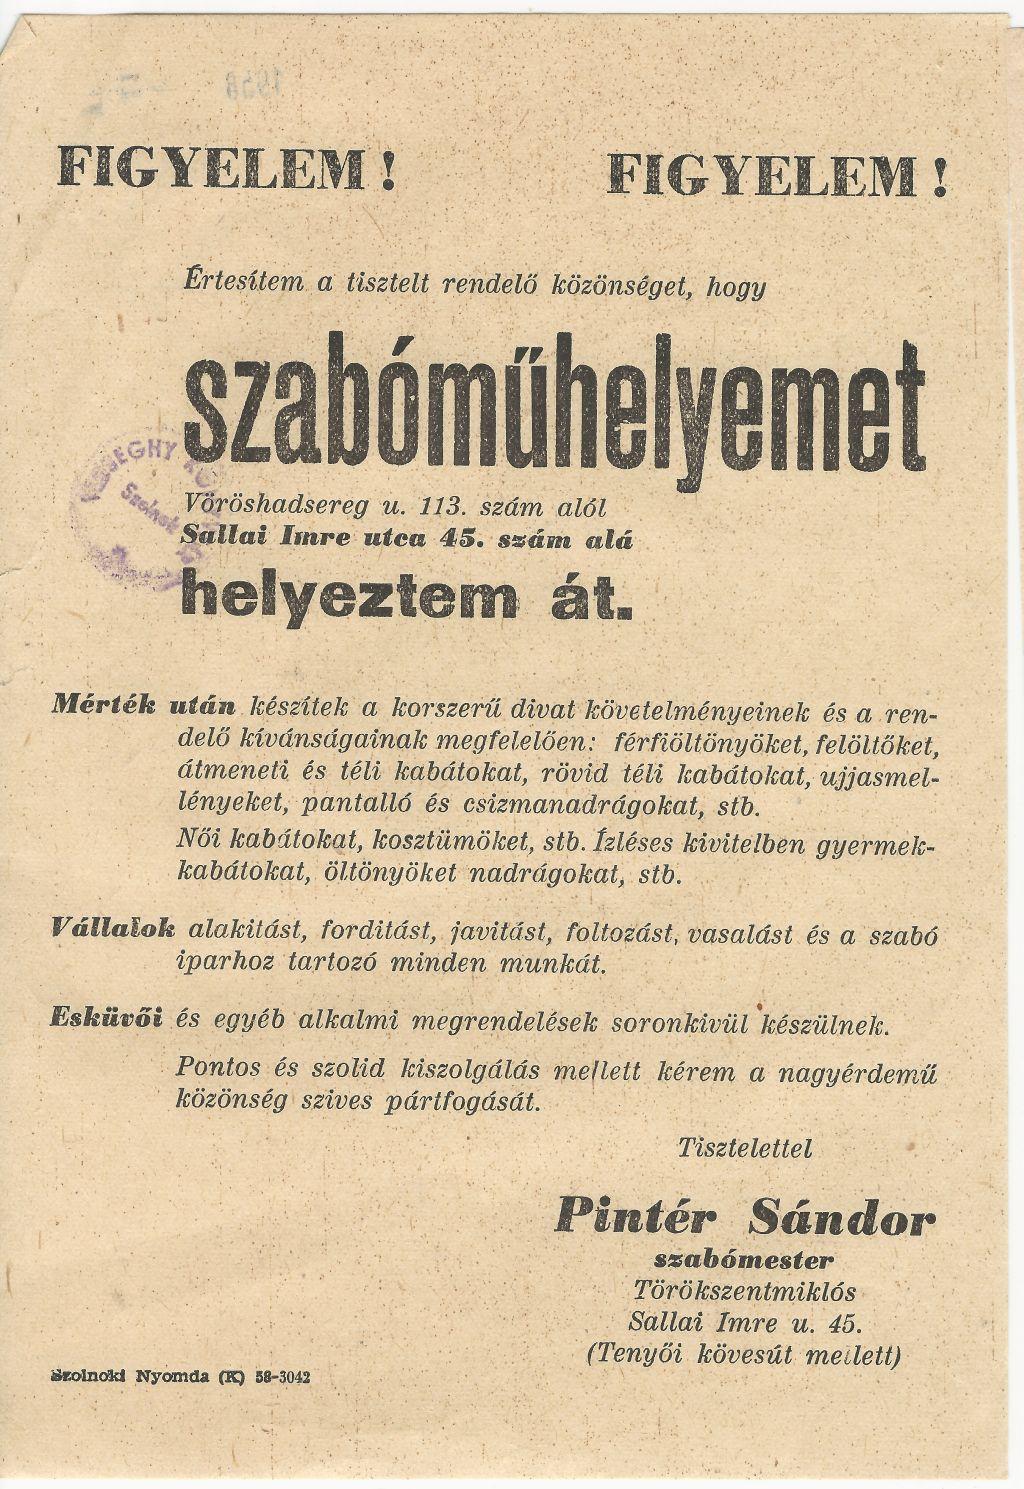 Pintér Sándor szabóműhelyét áthelyezi a Vöröshadsereg u 113. szám alól a Sallai Imre utca 45. szám alá